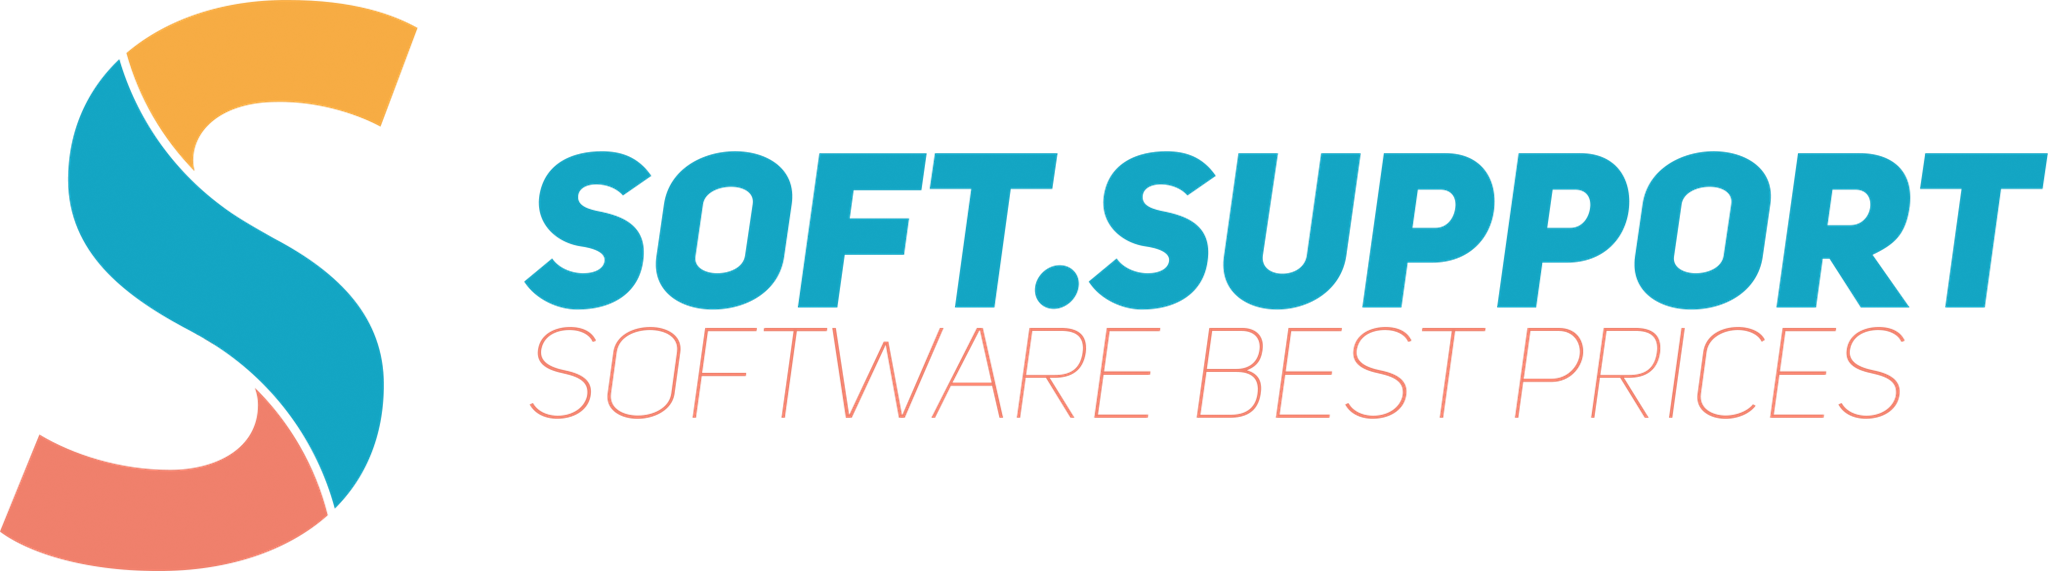 Интернет-магазин лицензионных ключей и программного обеспечения soft.support